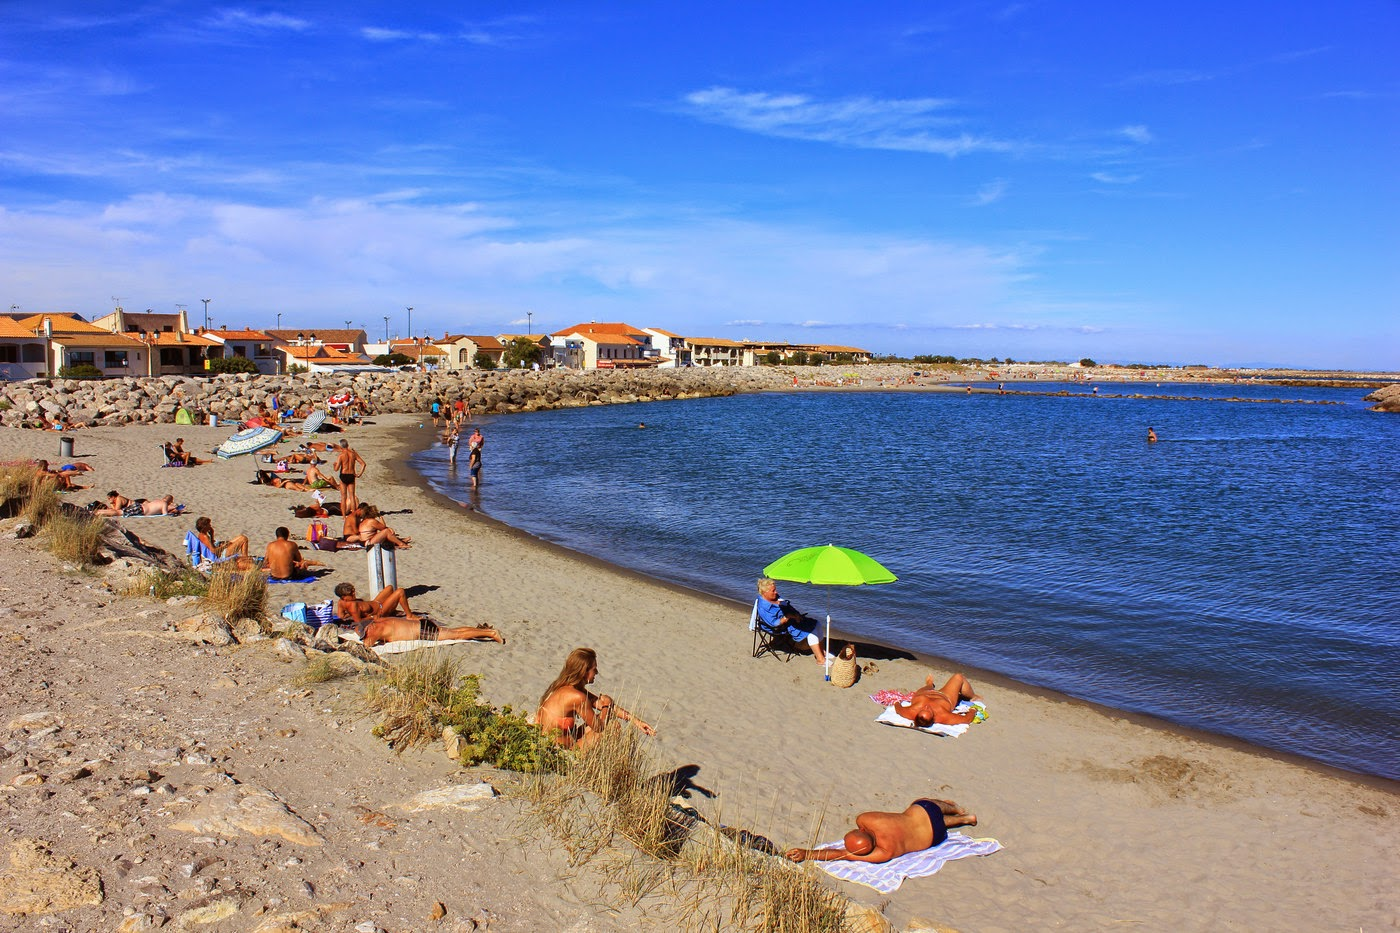 Reiseabenteuerlich s dfrankreich tag 6 die camargue - Office du tourisme saintes marie de la mer ...